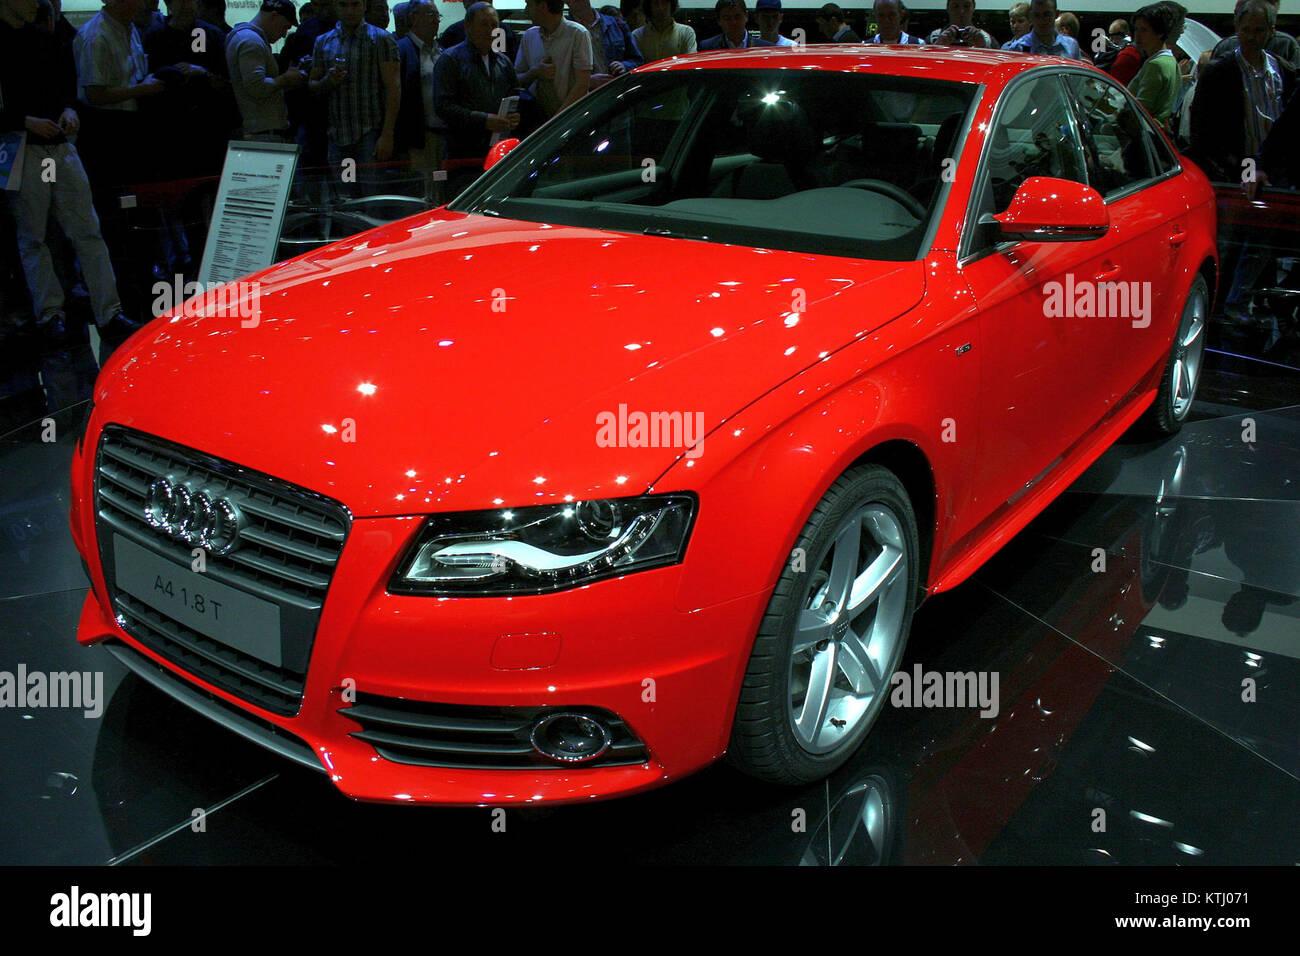 Kelebihan Kekurangan Audi B8 Tangguh